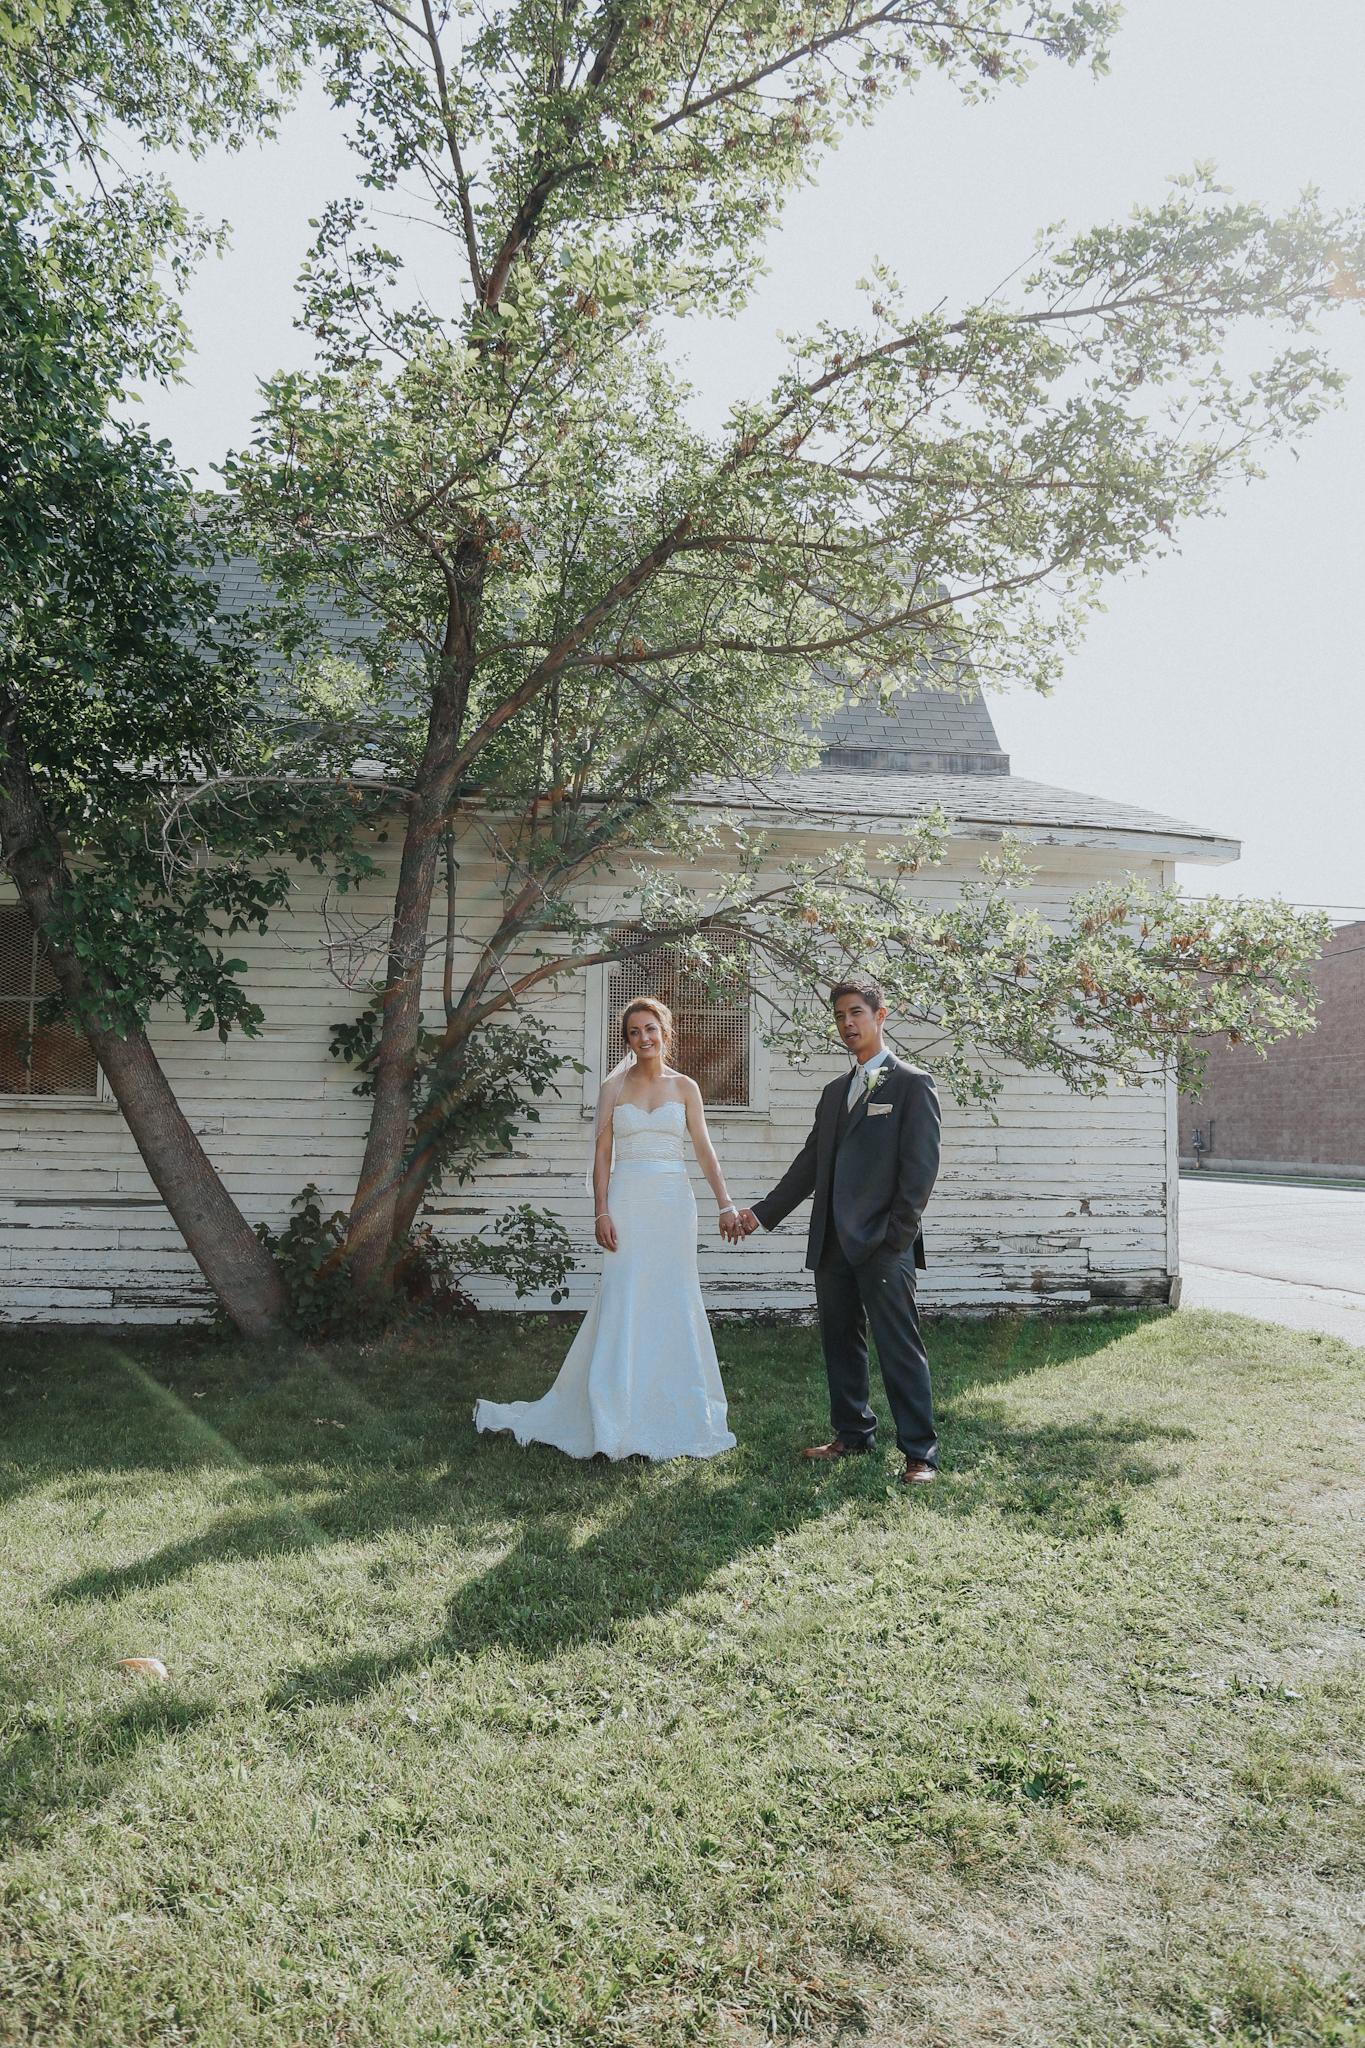 banffweddingphotographer-6.JPG